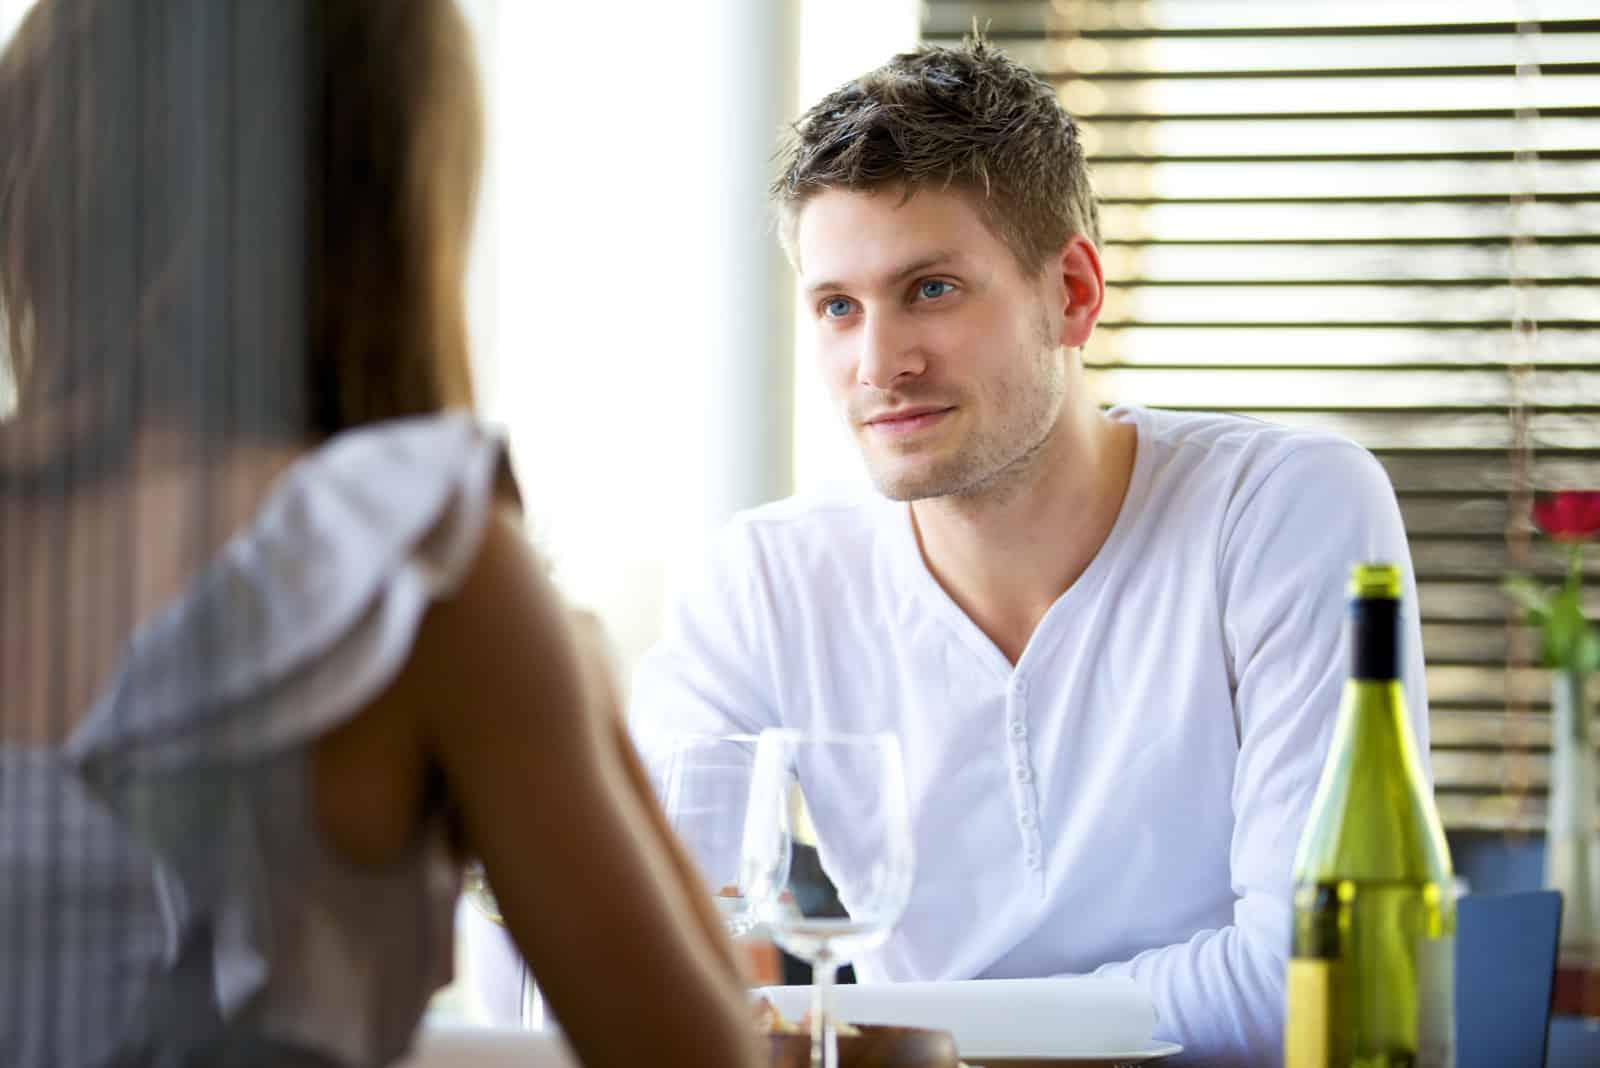 homme dans une conversation sérieuse avec sa petite amie